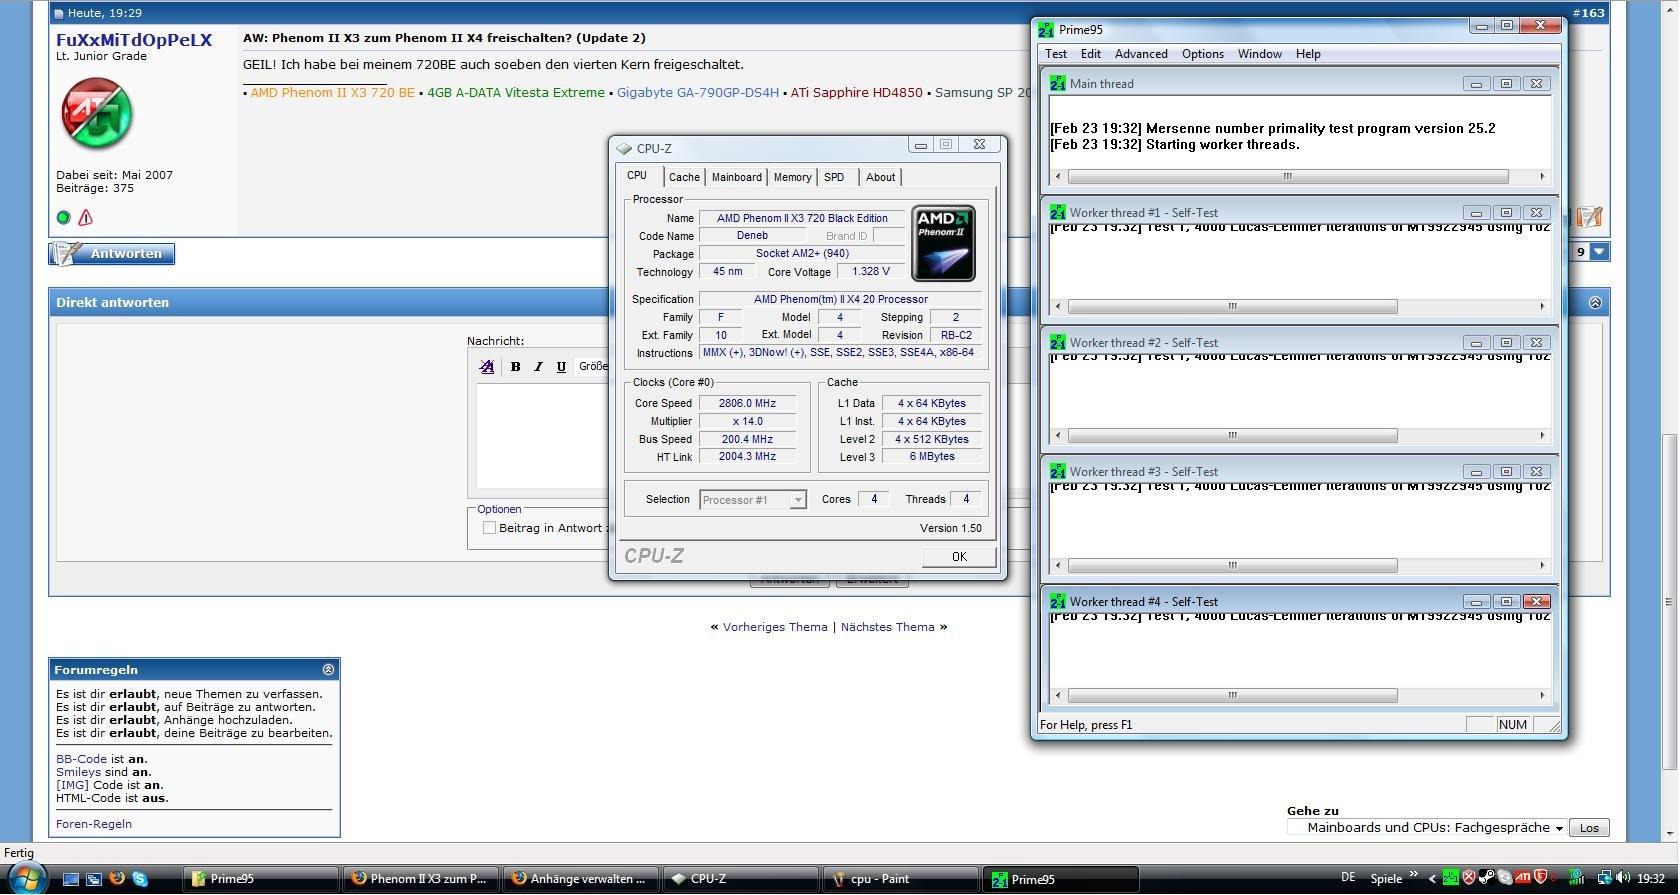 Leser-Screenshot eines freigeschalteten Phenom II X3